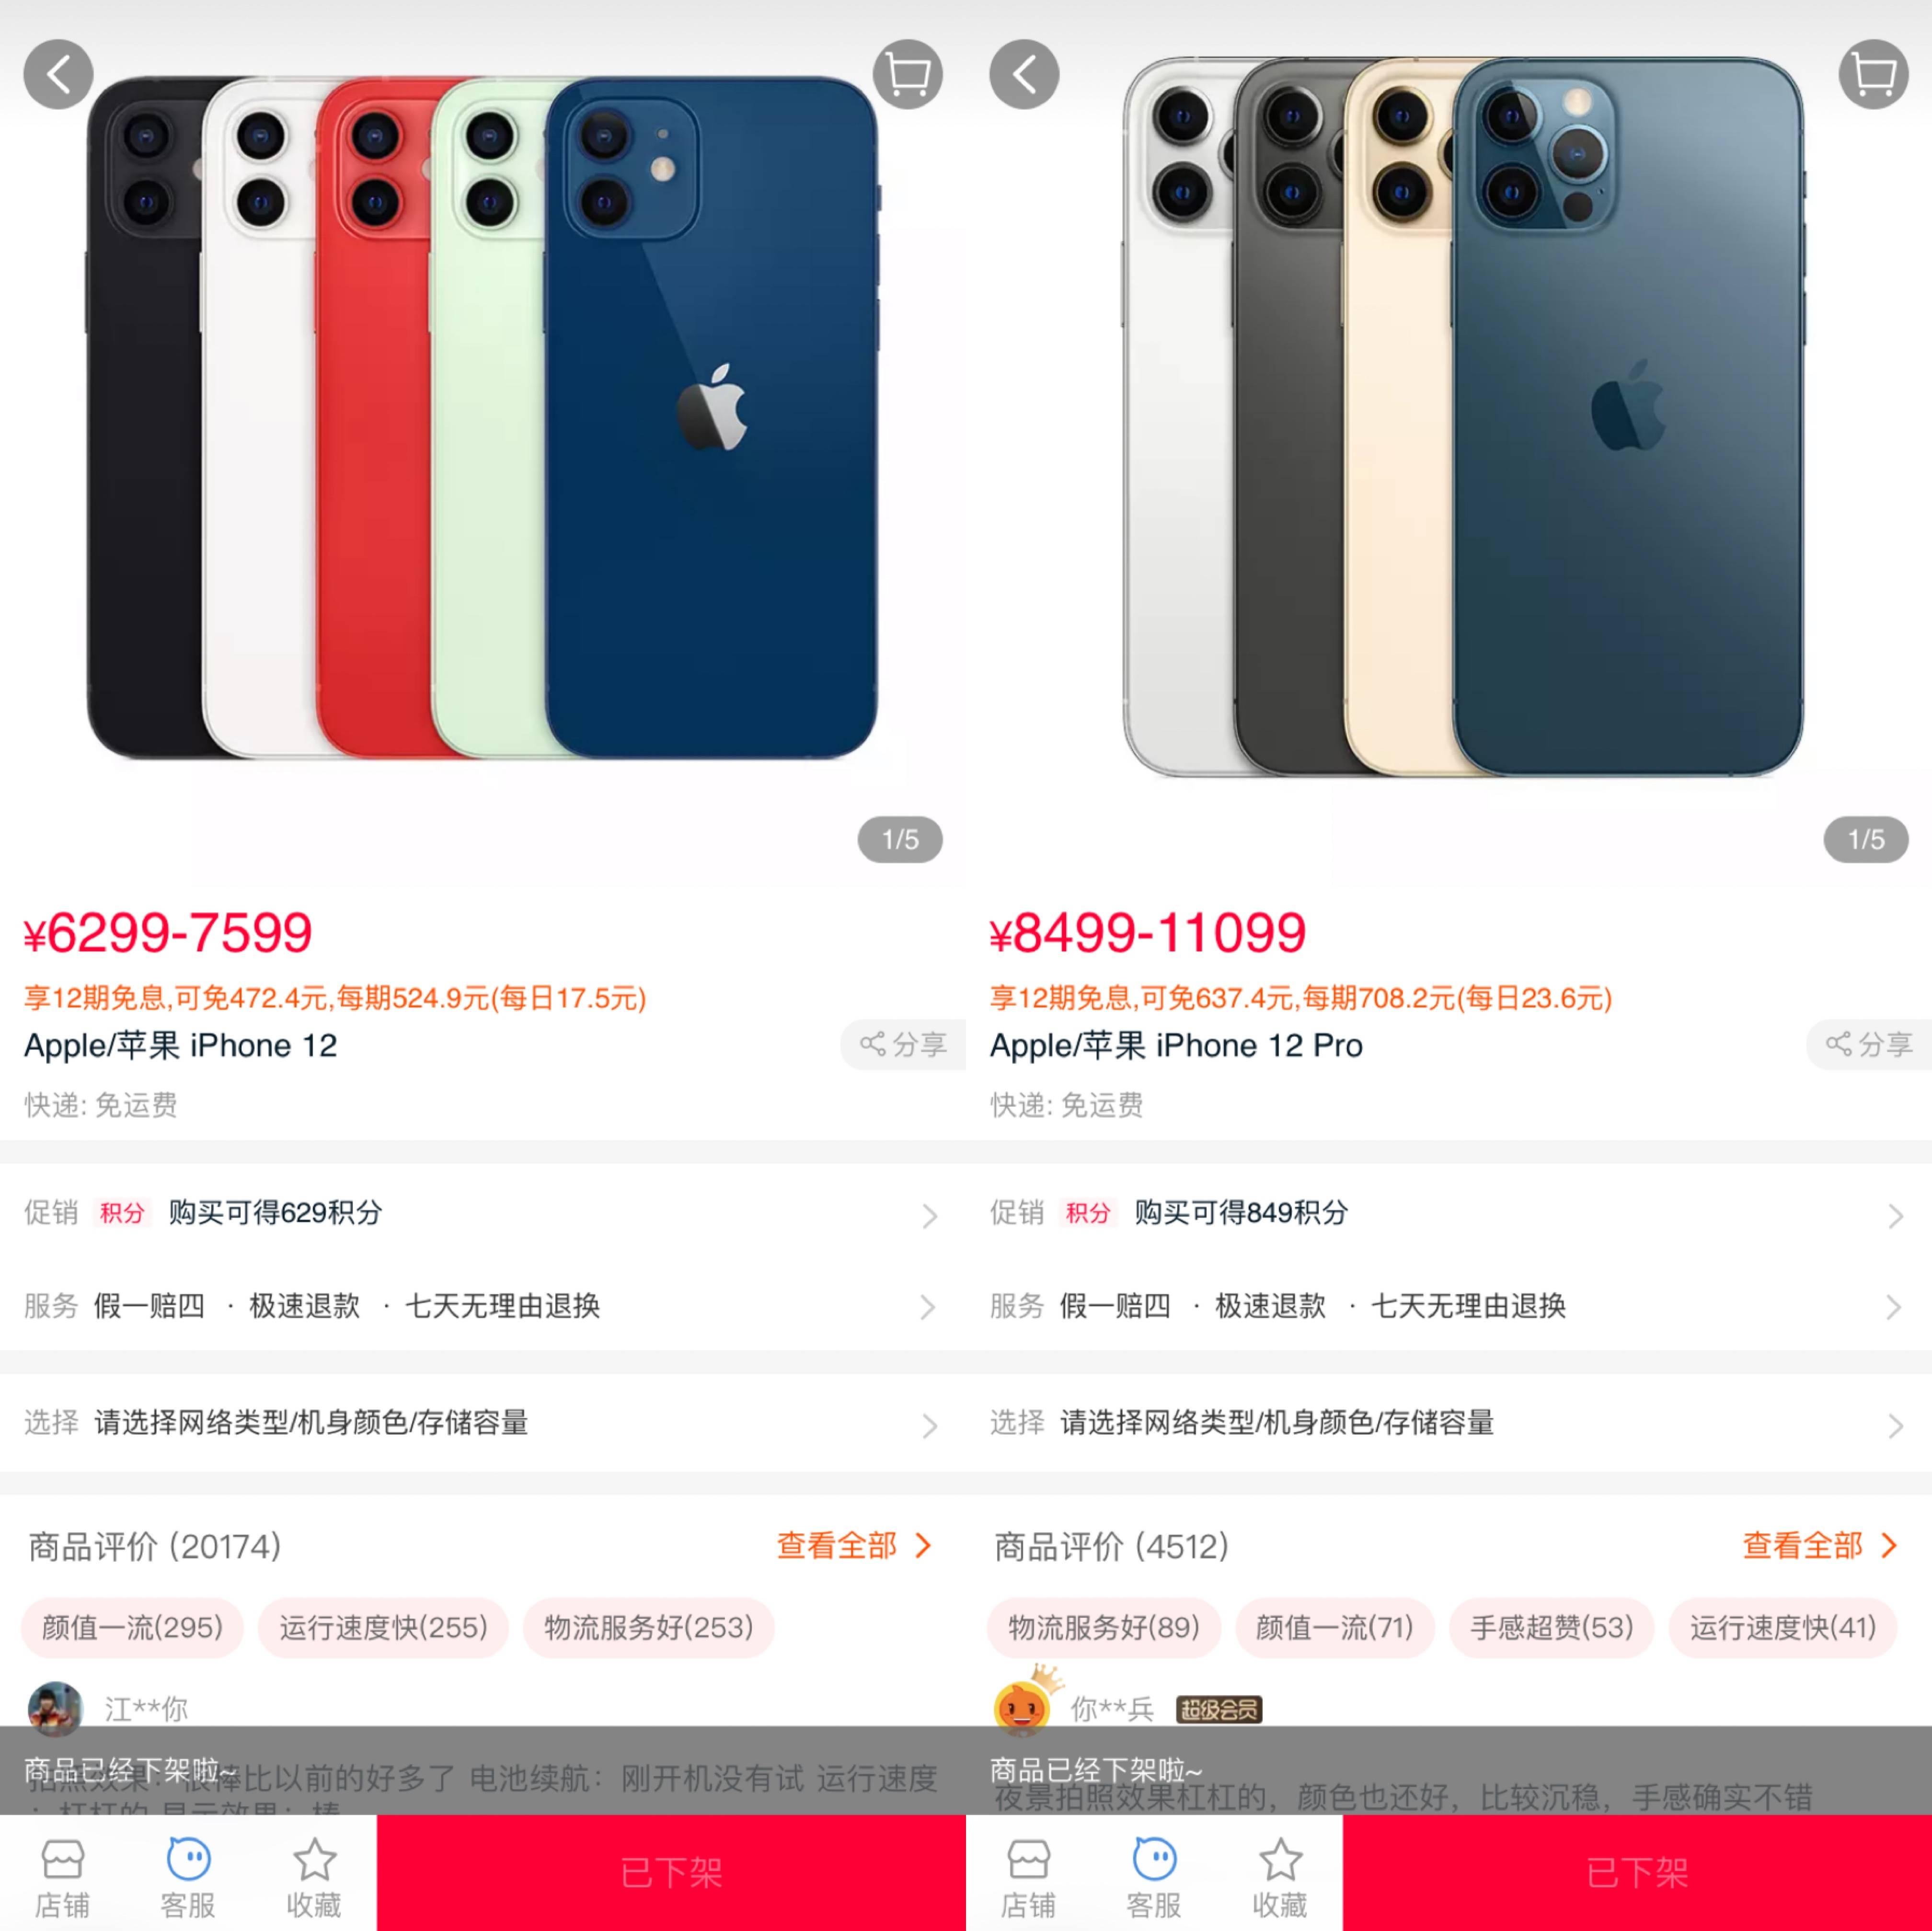 苹果天猫旗舰店下架iPhone 12/12 Pro,阿里:请消费者期待11.11的惊喜